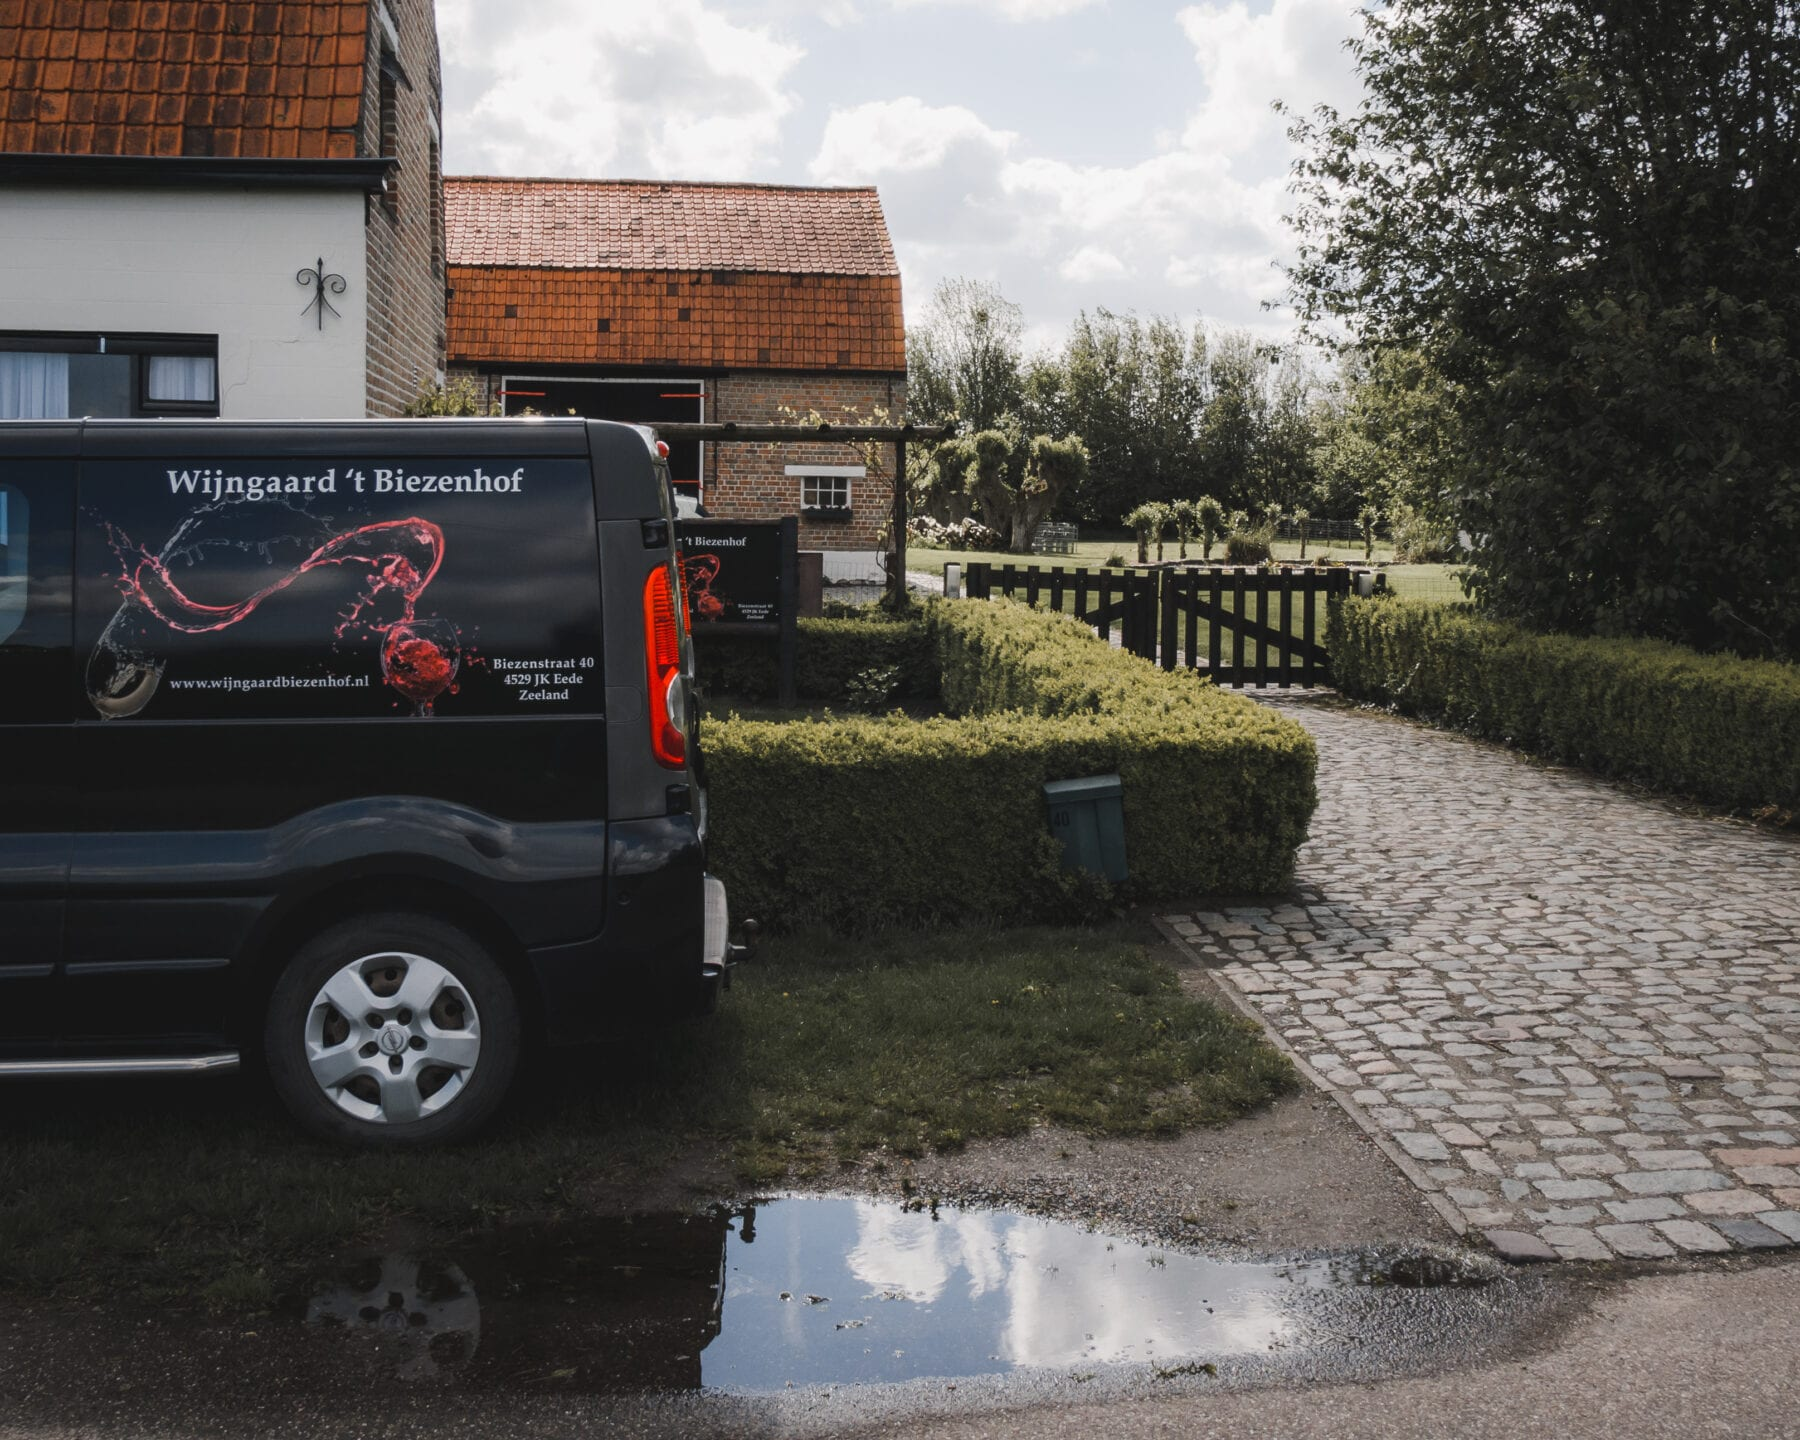 De Biezen - Wijngaard 't Biezenhof 3